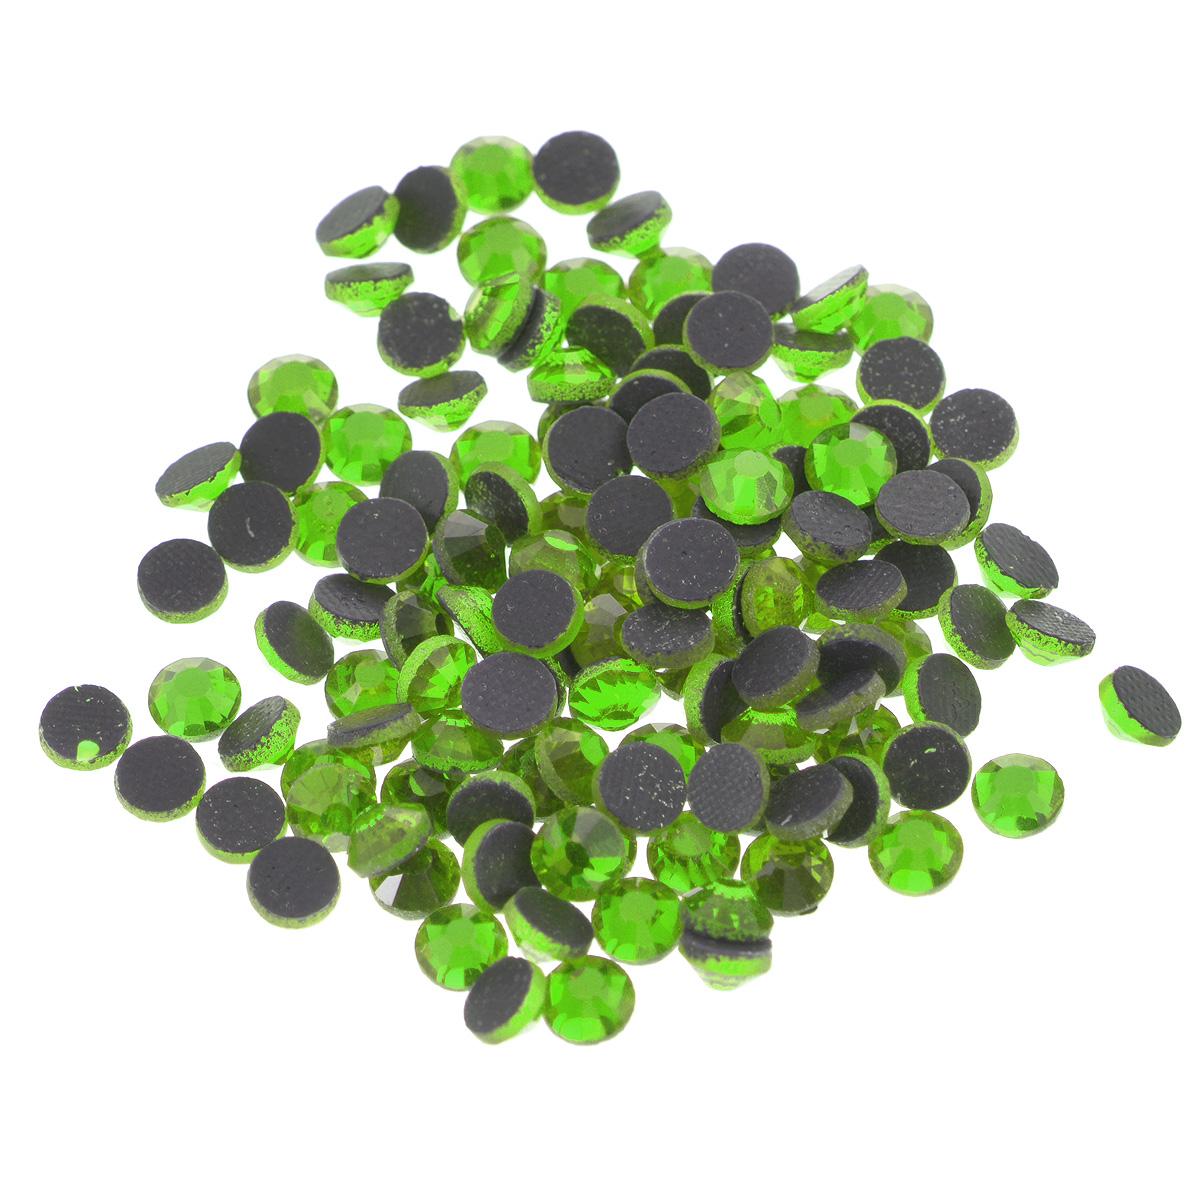 Стразы термоклеевые Cristal, цвет: светло-зеленый (214), диаметр 4,8 мм, 144 шт7706832_214Набор термоклеевых страз Cristal, изготовленный из высококачественного акрила, позволит вам украсить одежду, аксессуары или текстиль. Яркие стразы имеют плоское дно и круглую поверхность с гранями.Дно термоклеевых страз уже обработано особым клеем, который под воздействием высоких температур начинает плавиться, приклеиваясь, таким образом, к требуемой поверхности. Чаще всего их используют в текстильной промышленности: стразы прикладывают к ткани и проглаживают утюгом с обратной стороны. Также можно использовать специальный паяльник. Украшение стразами поможет сделать любую вещь оригинальной и неповторимой. Диаметр стразы: 4,8 мм.